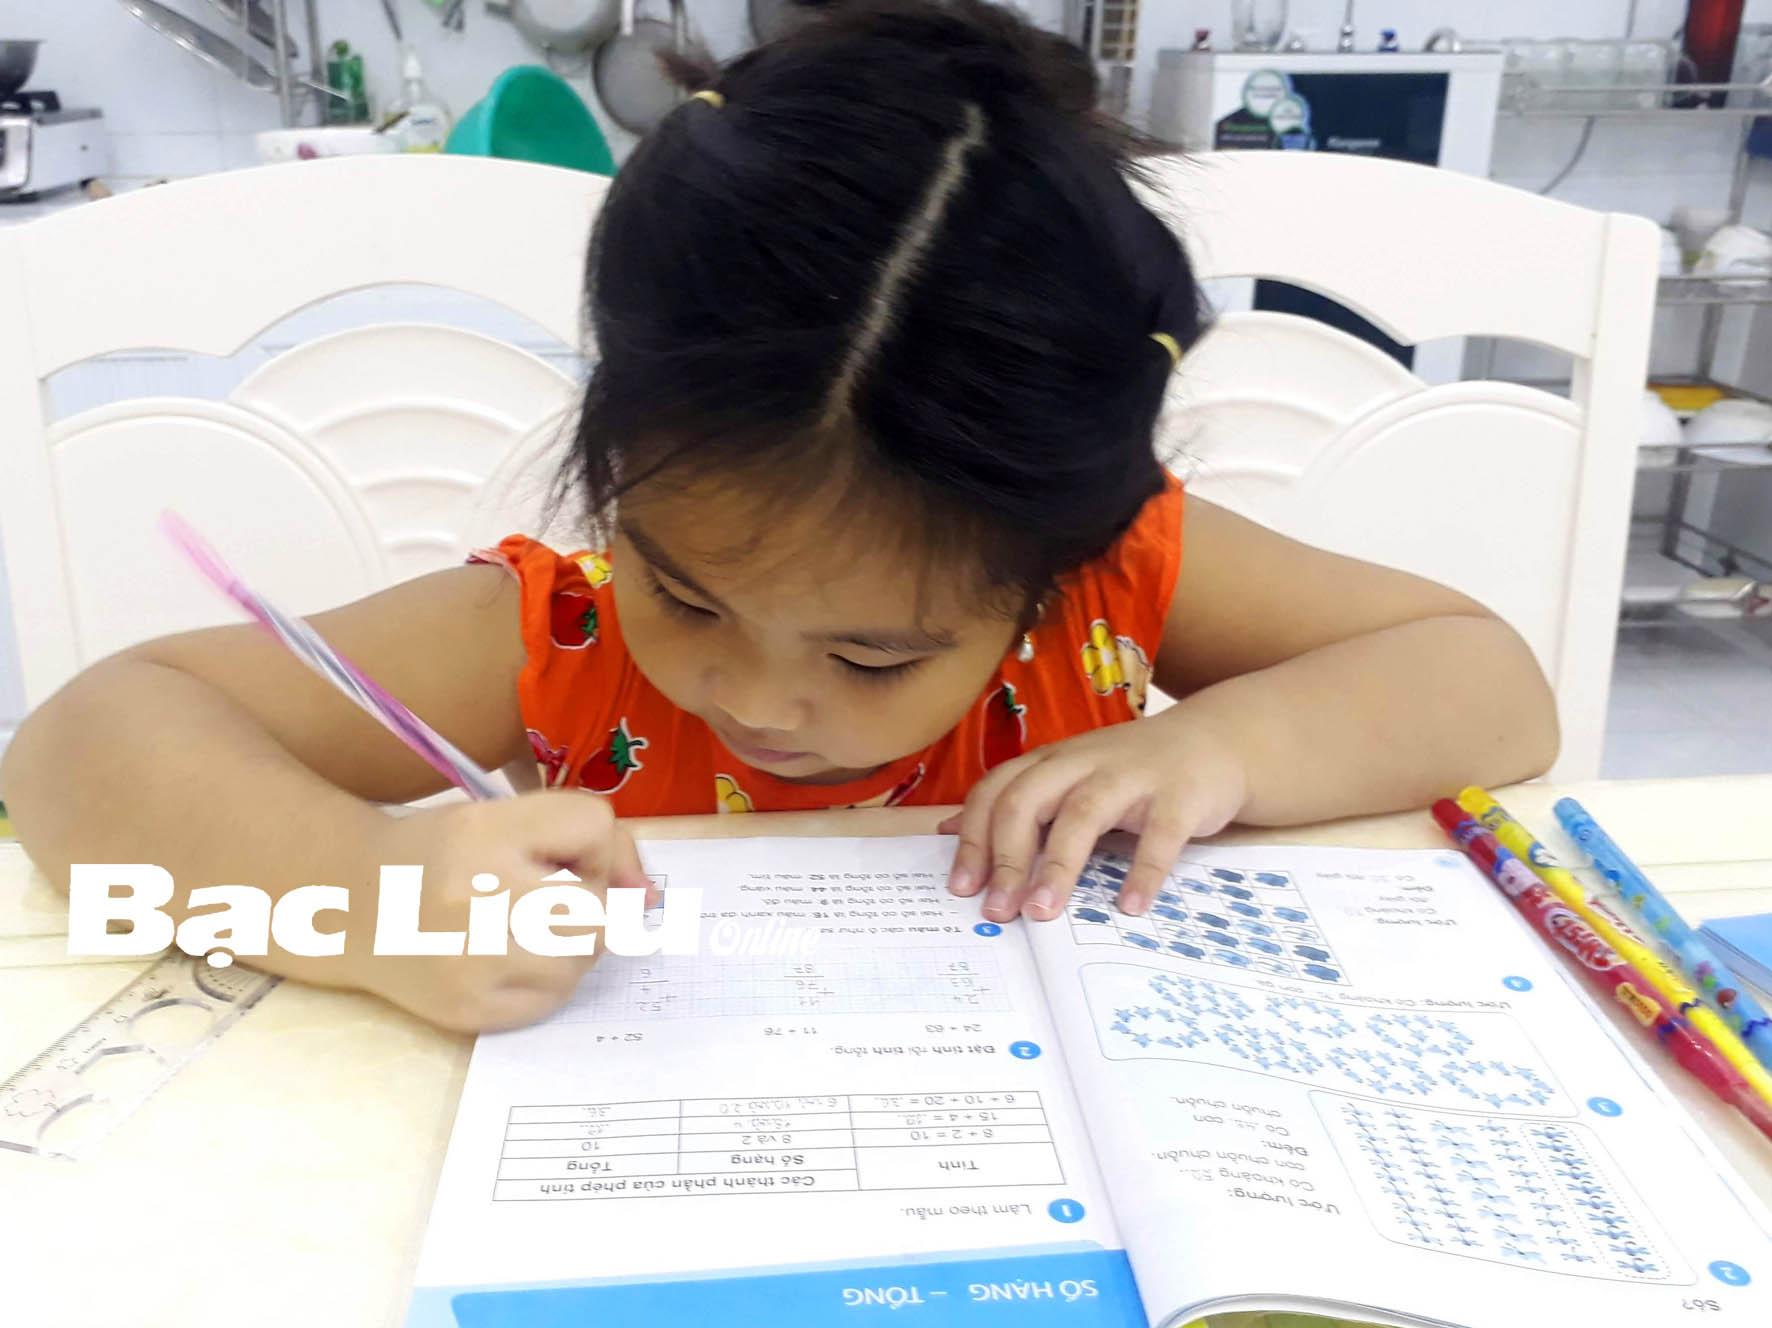 Giảm thời lượng tiếp xúc thiết bị học trực tuyến cho học sinh: An toàn, hiệu quả